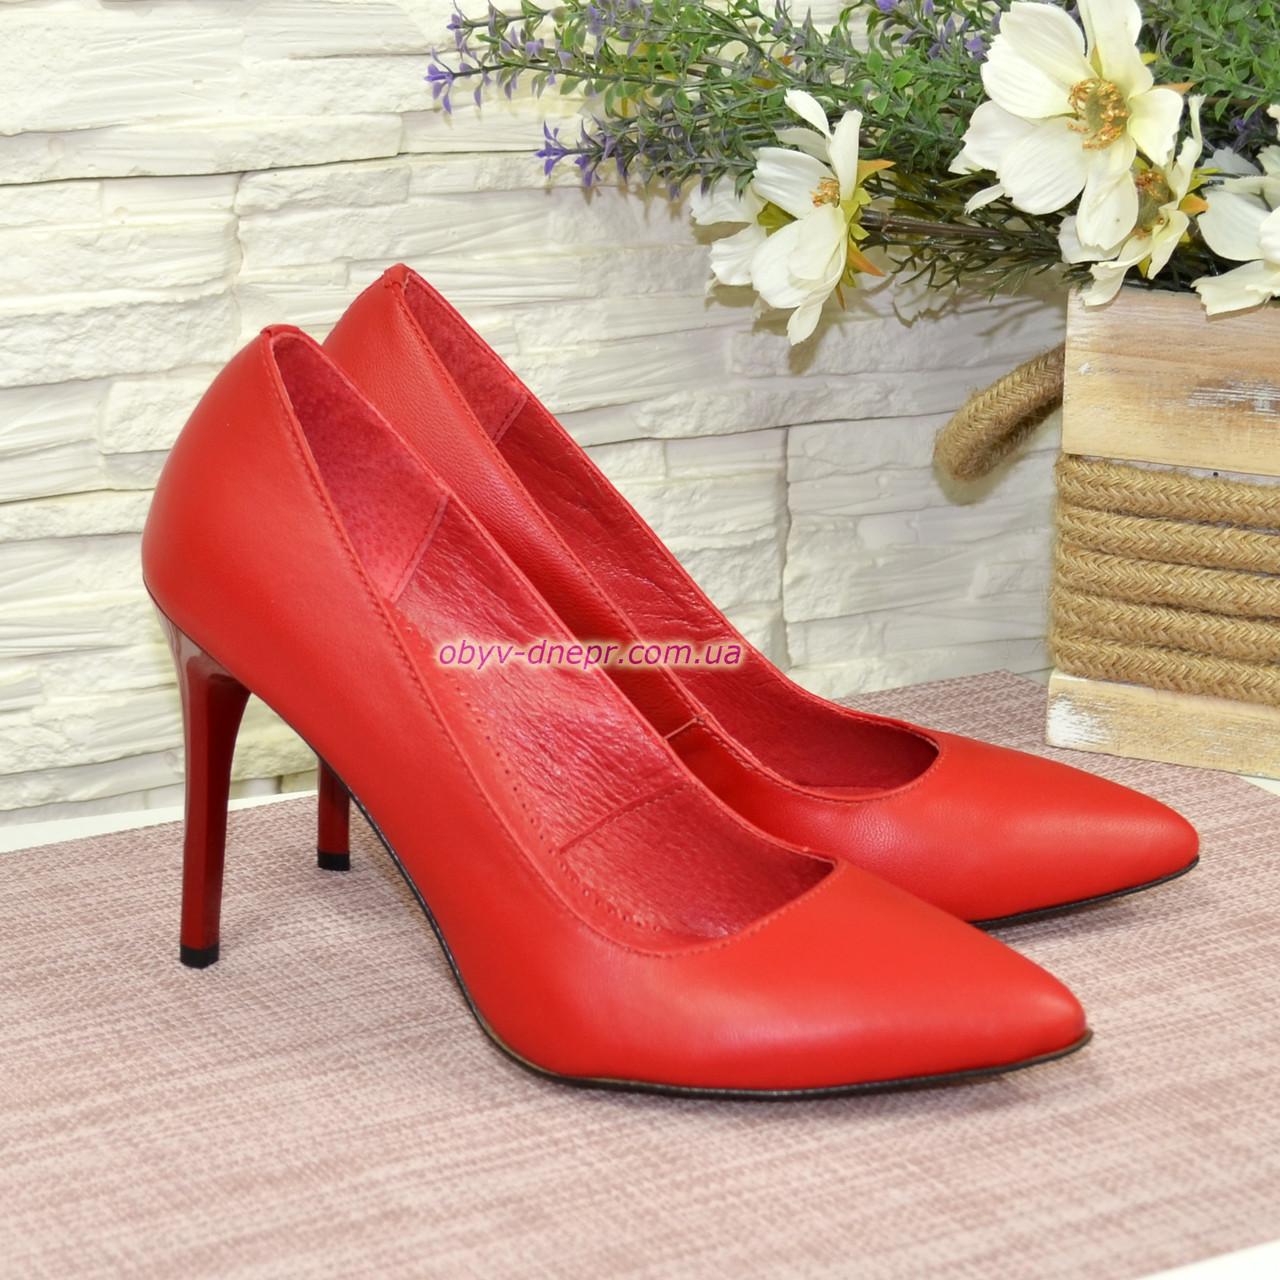 Туфли женские на высоком каблуке, красная кожа